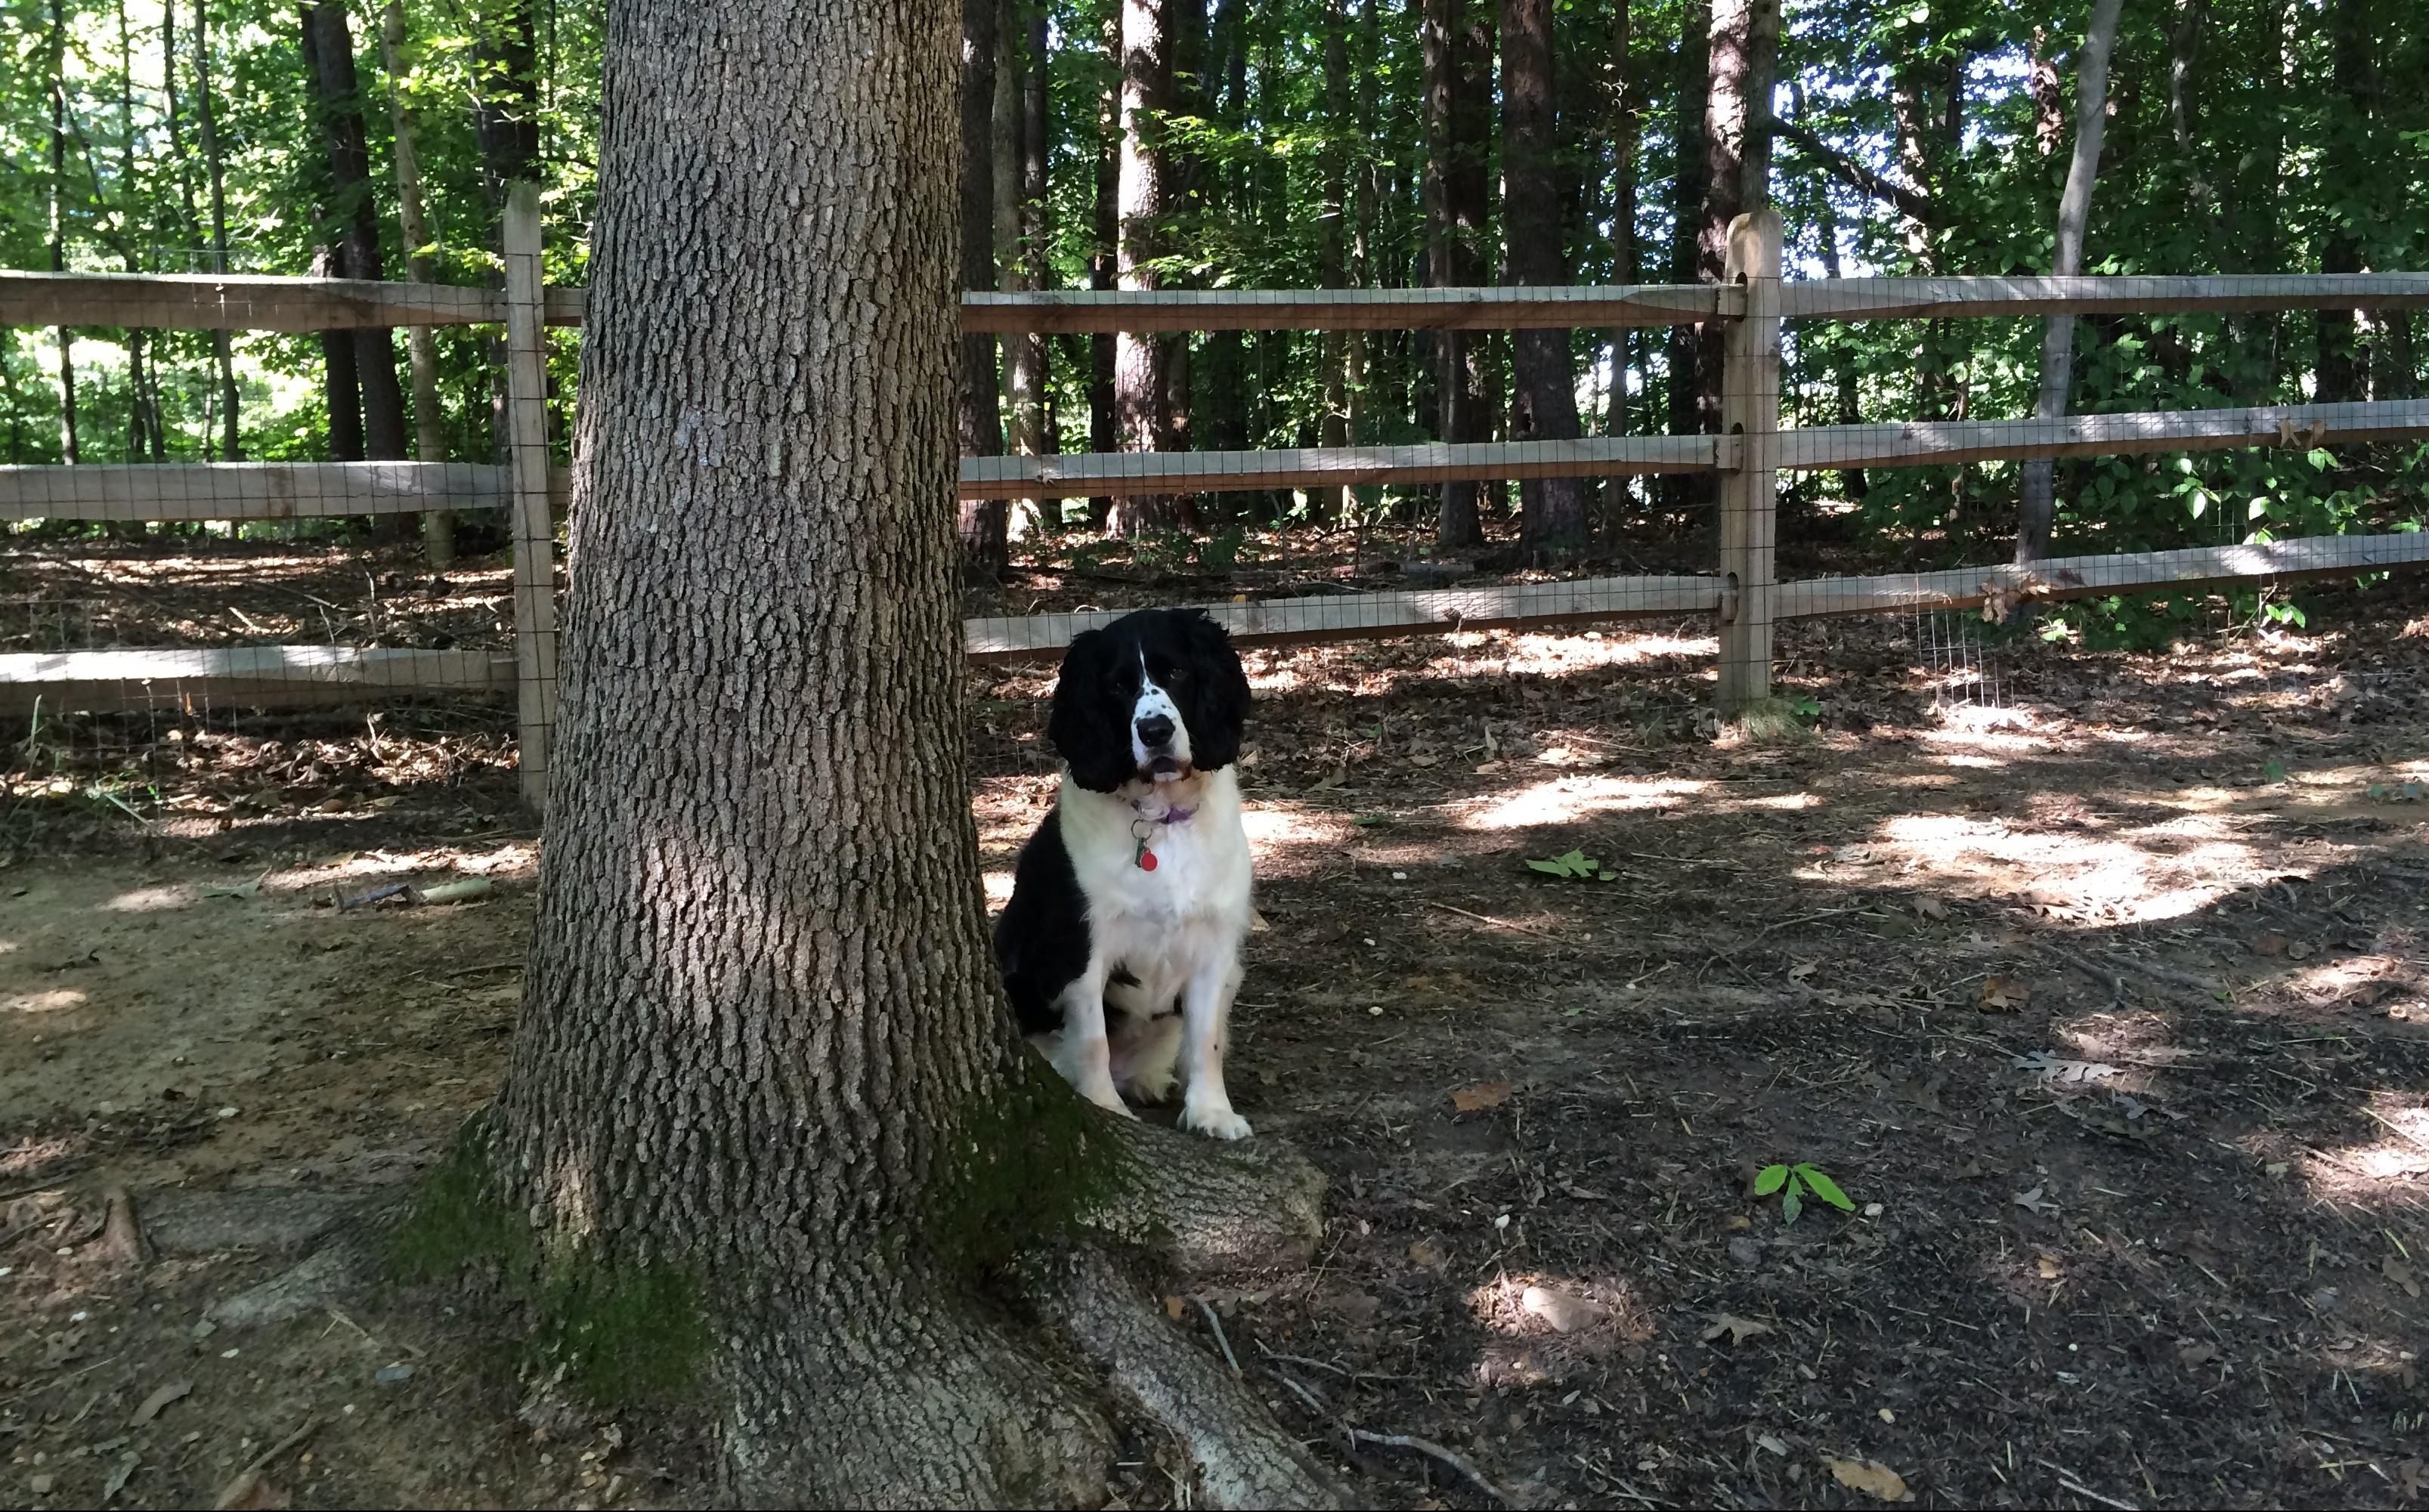 English springer spaniel beside tree